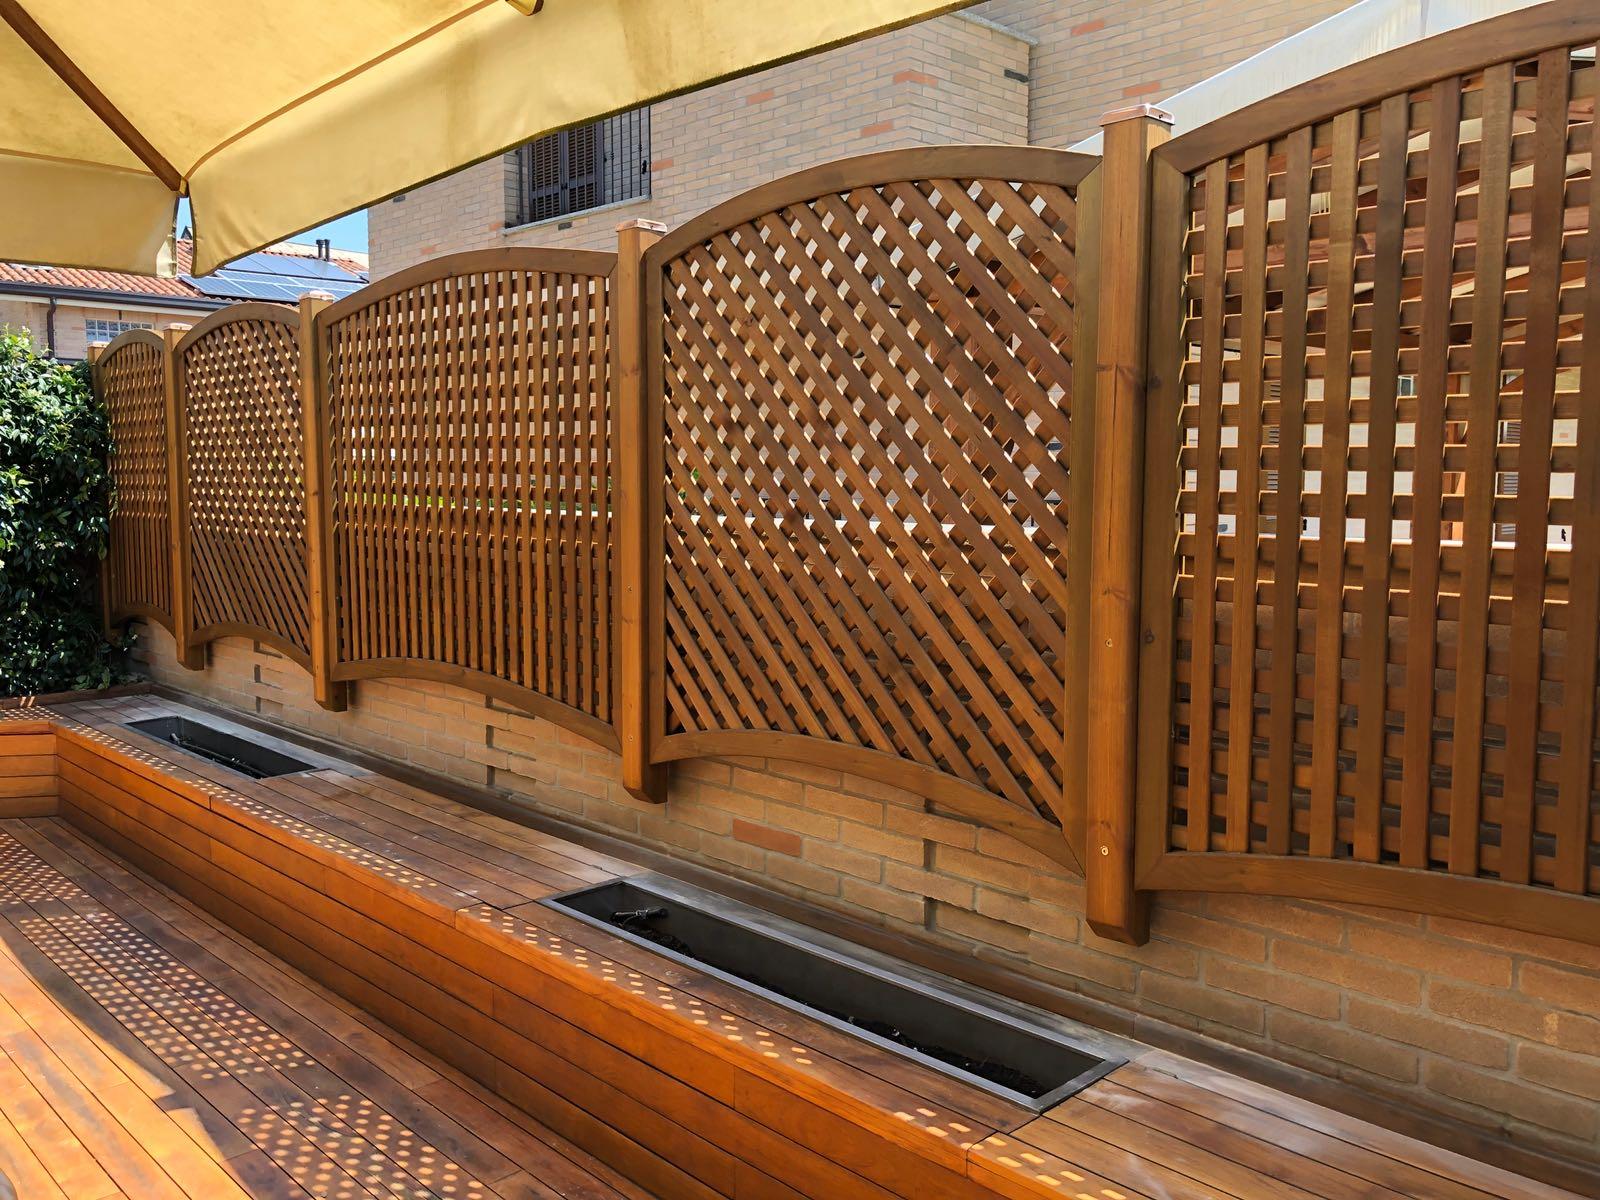 griglie e grigliati in legno di pino trattato per privacy. Ideali per aumentare sicurezza parapetti e proteggere animali domestici : cani e gatti